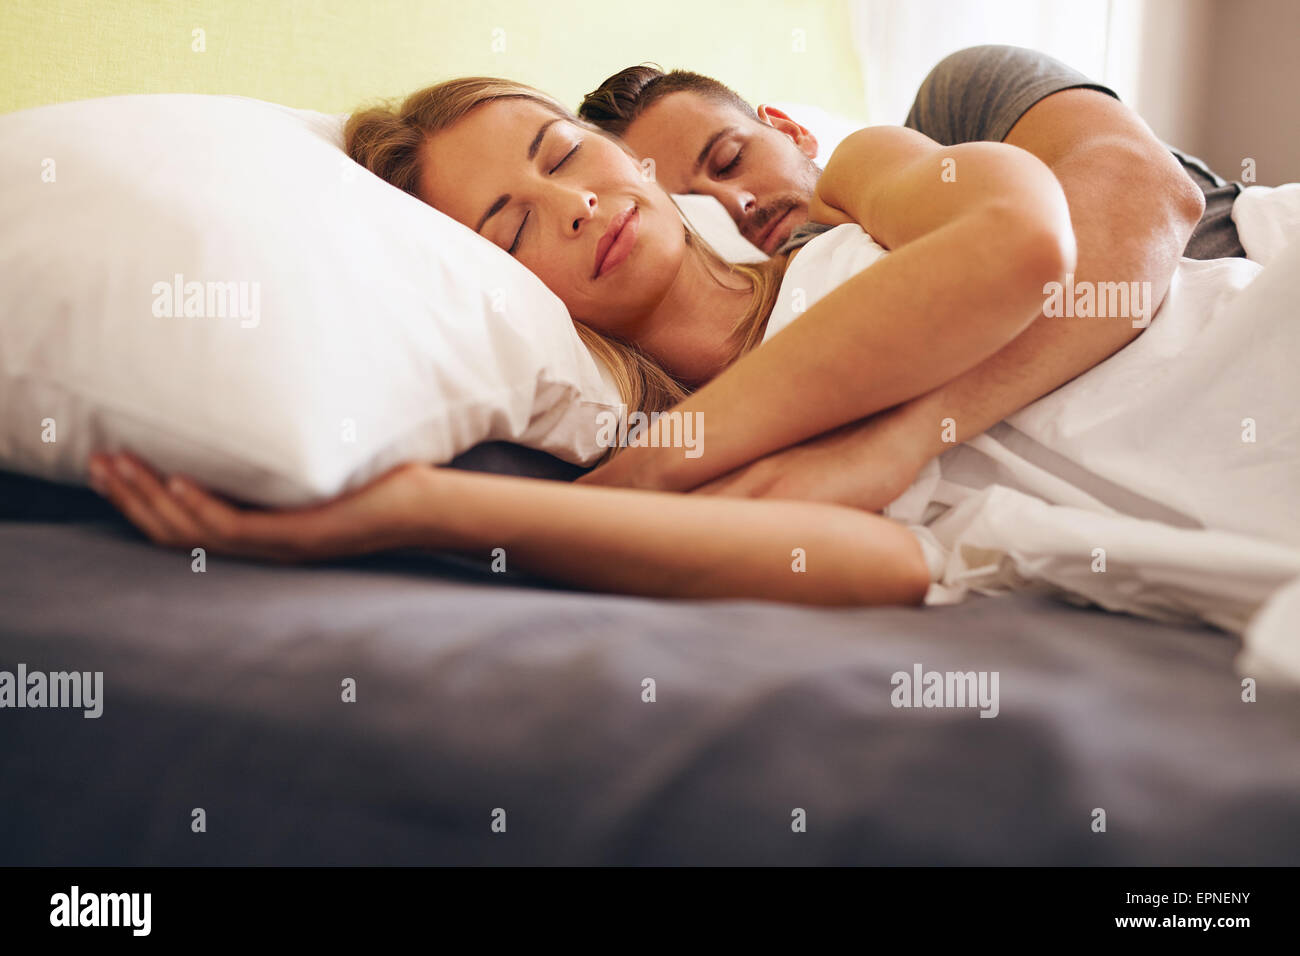 Imagen de una joven pareja durmiendo cómodamente en la cama. Hombre y mujer joven acostado dormido. Imagen De Stock